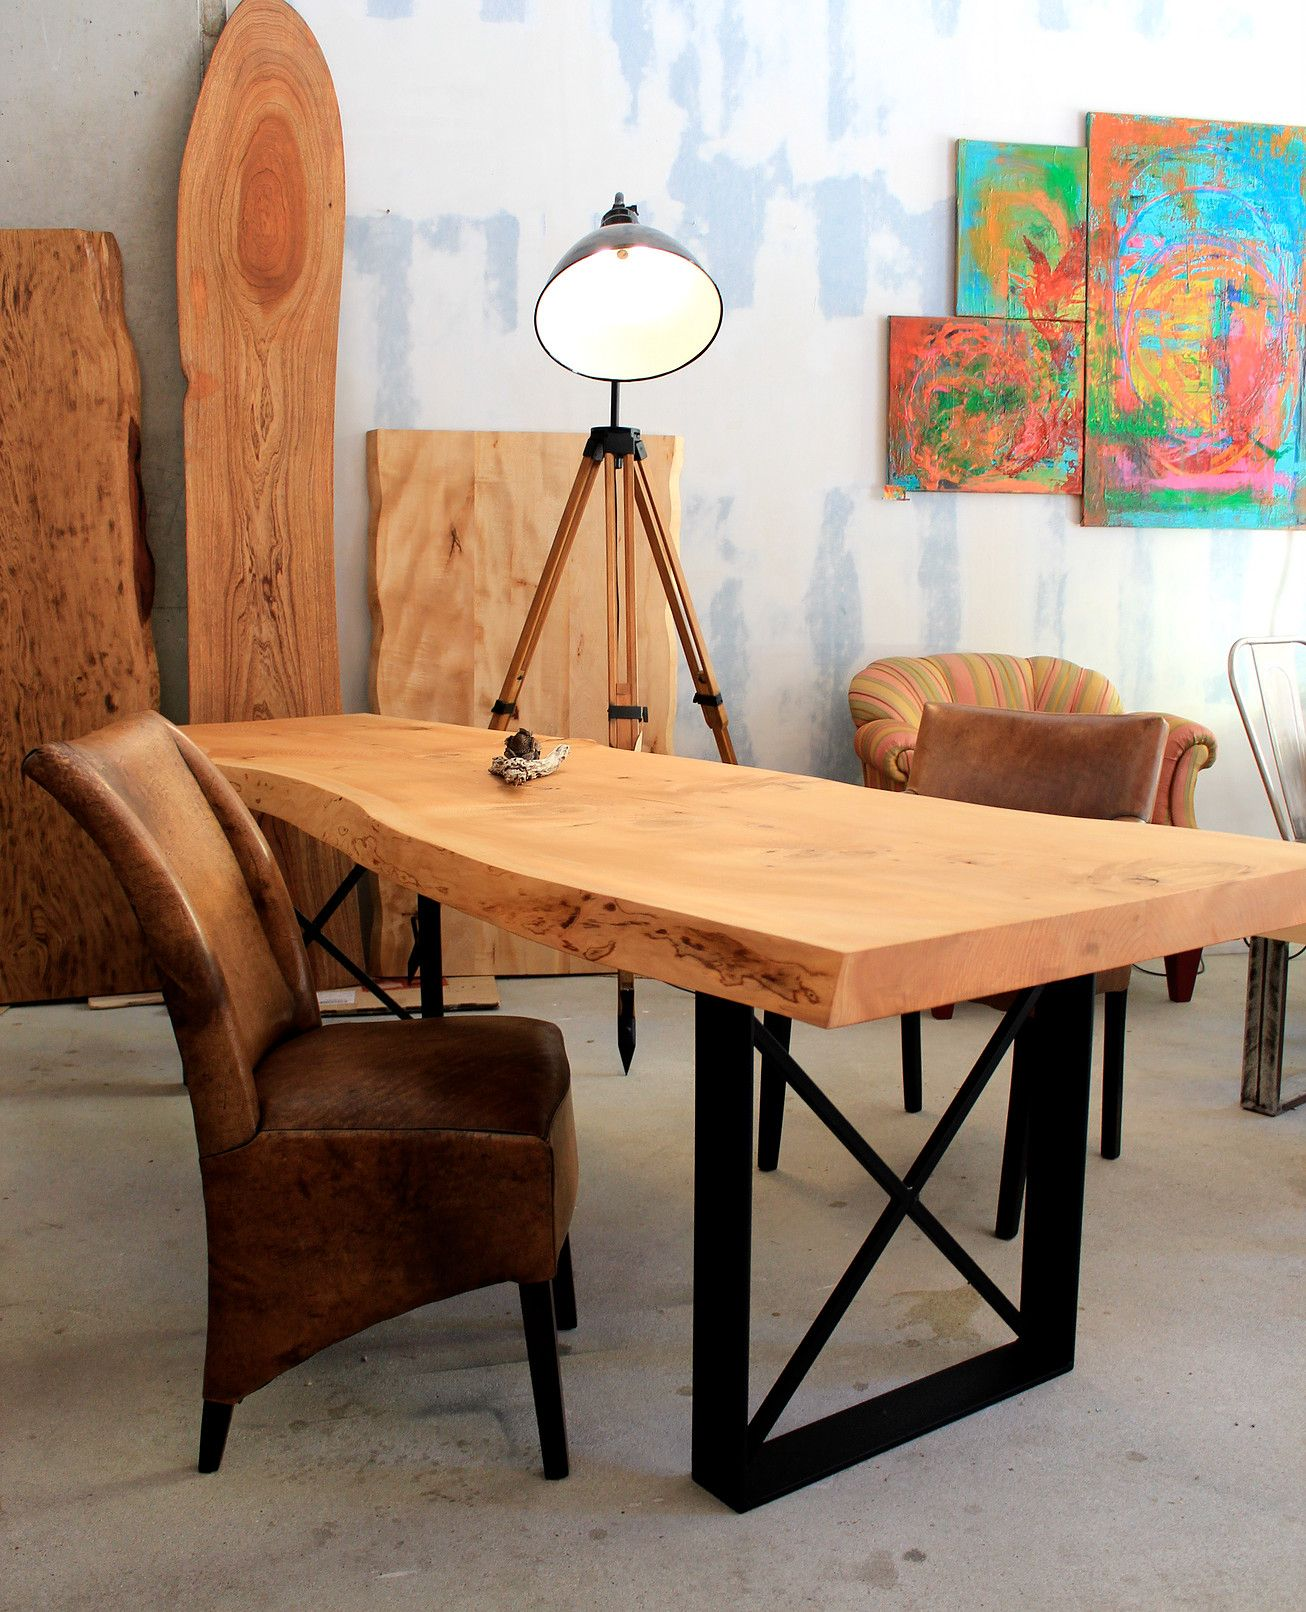 Esstisch Massivholztisch Holztisch nach Maß Naturkante